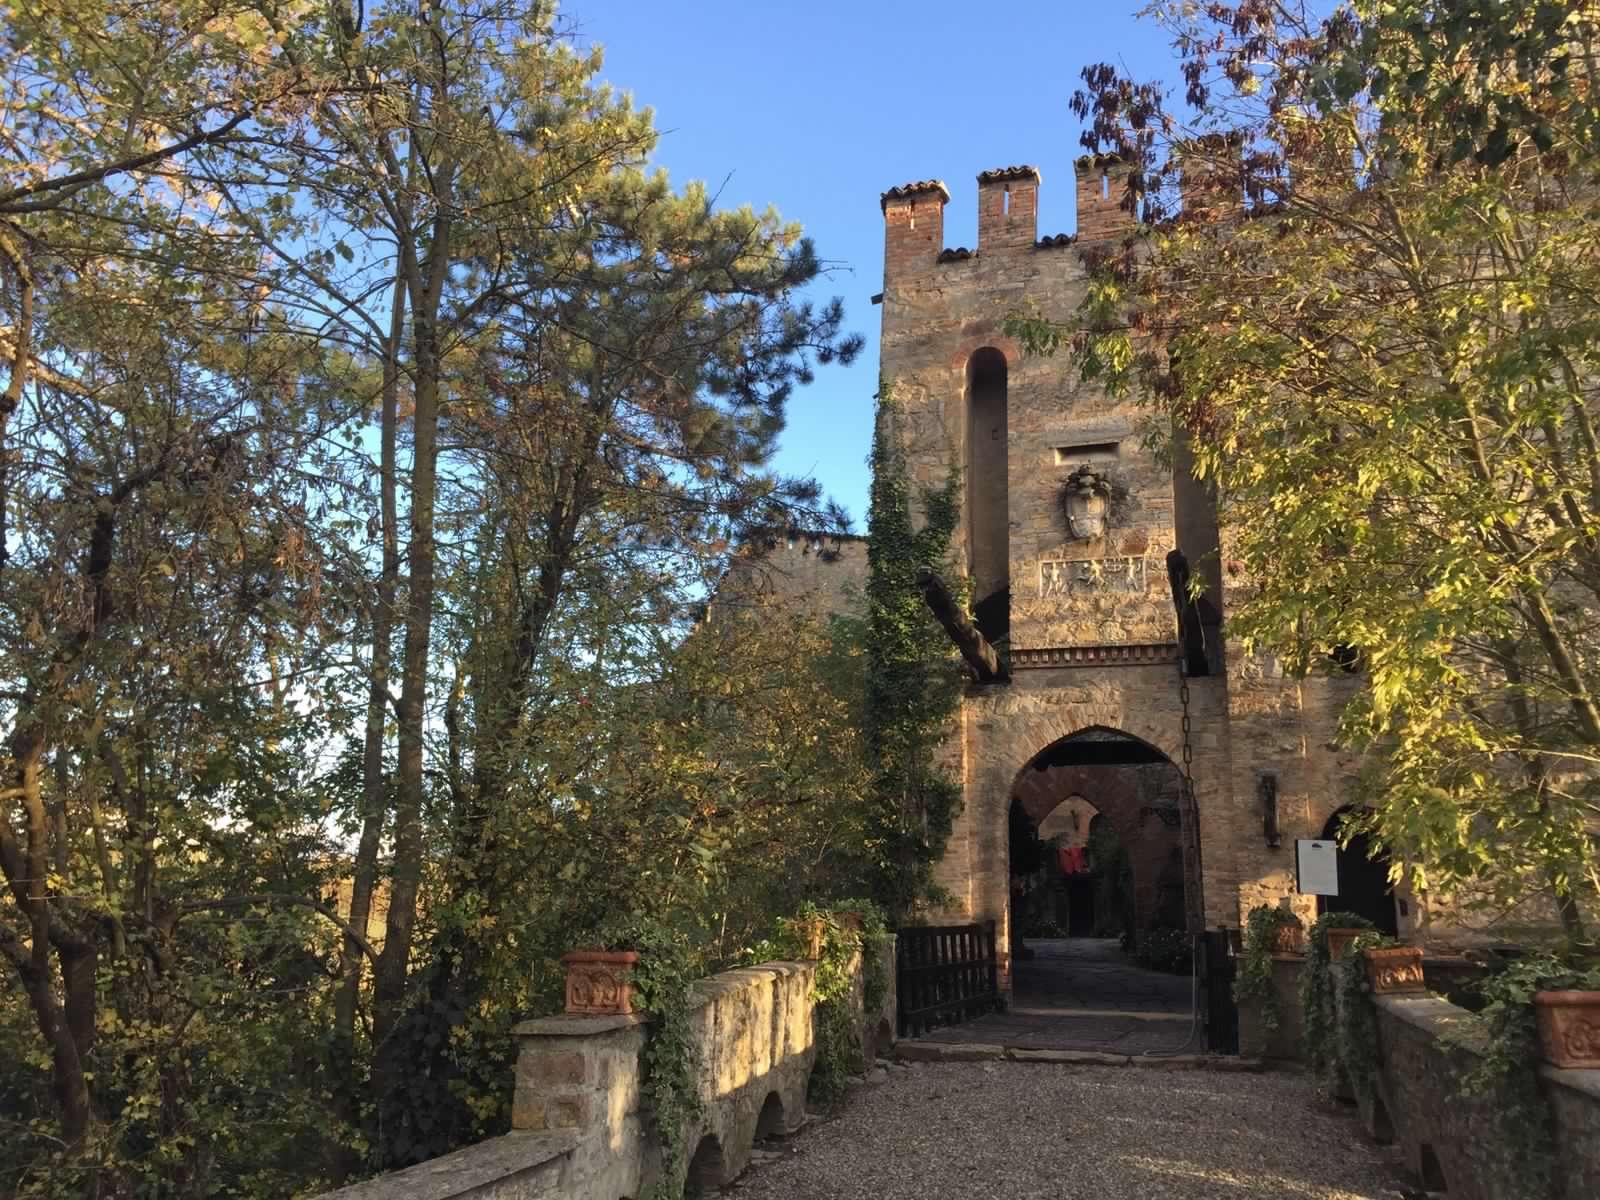 Passeggiando a Ruota Libera: visita guidata dal fondo del torrente Vezzeno alla cima della torre, fra storia, natura e passione.  Copia